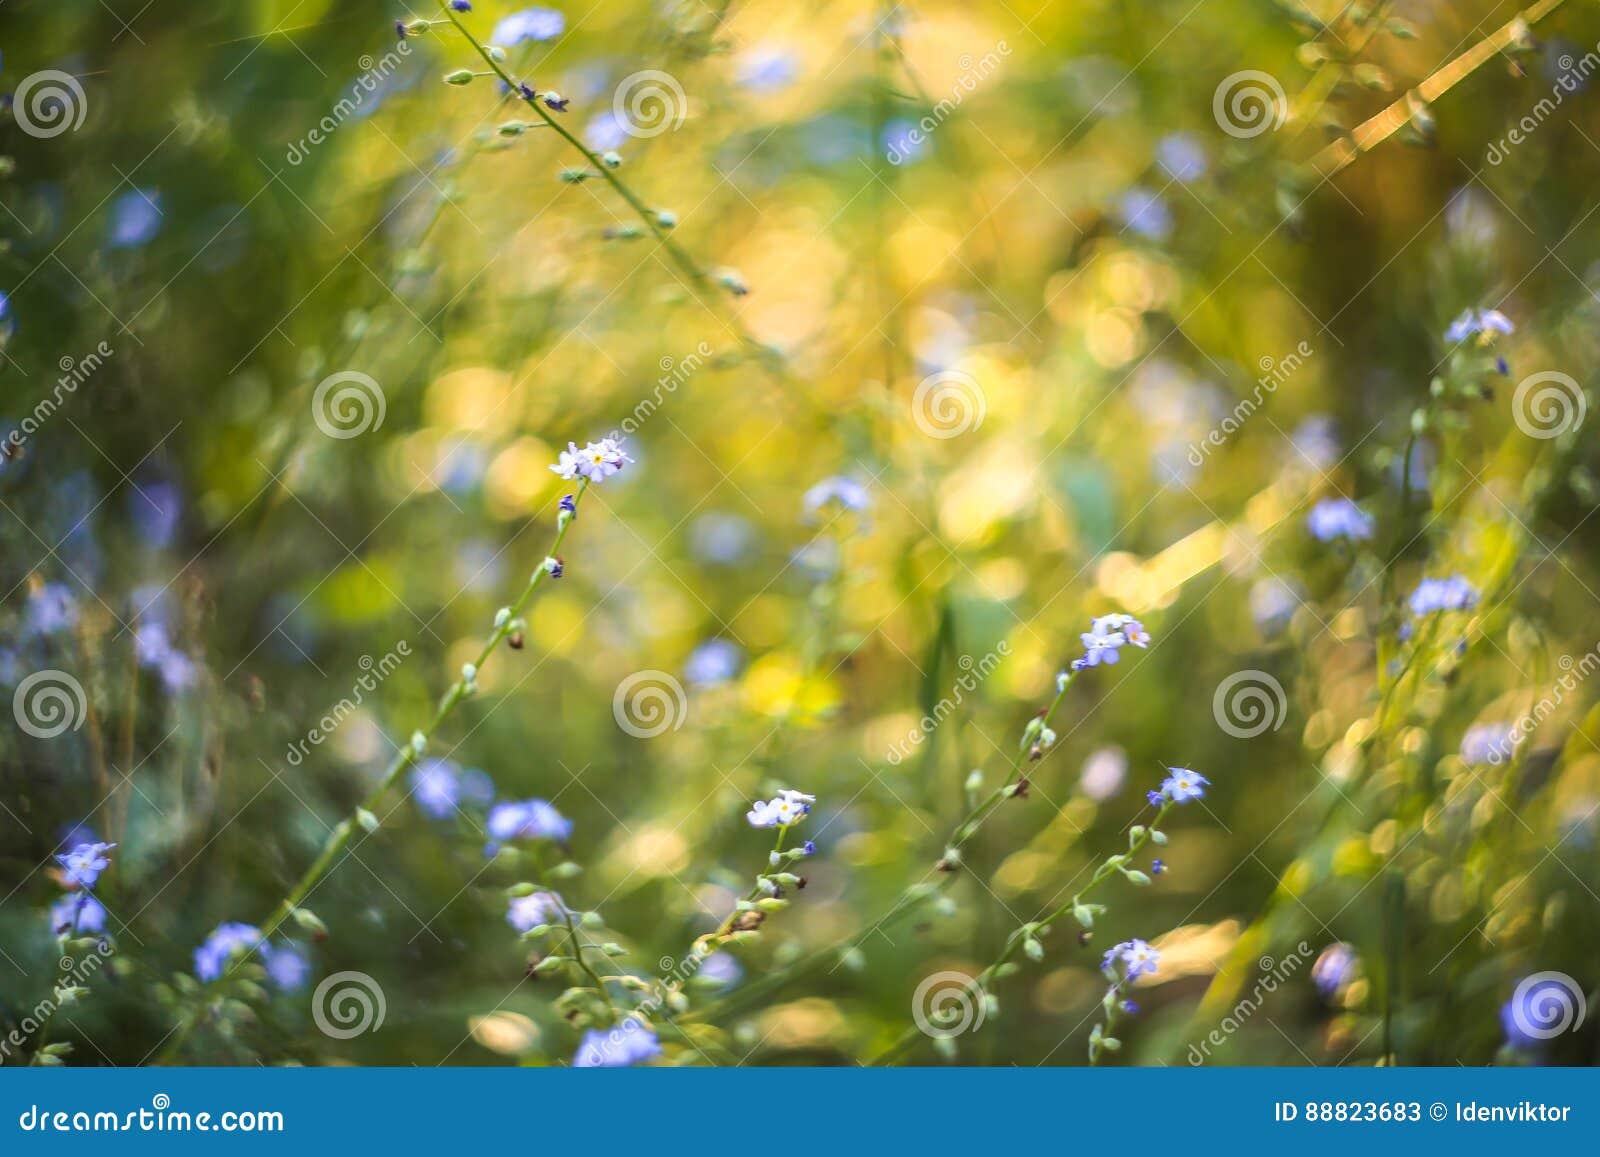 Abstrakcjonistyczny jaskrawy zamazany tło z wiosną i latem z małym błękitem kwitnie i rośliny Z pięknym bokeh w świetle słoneczny